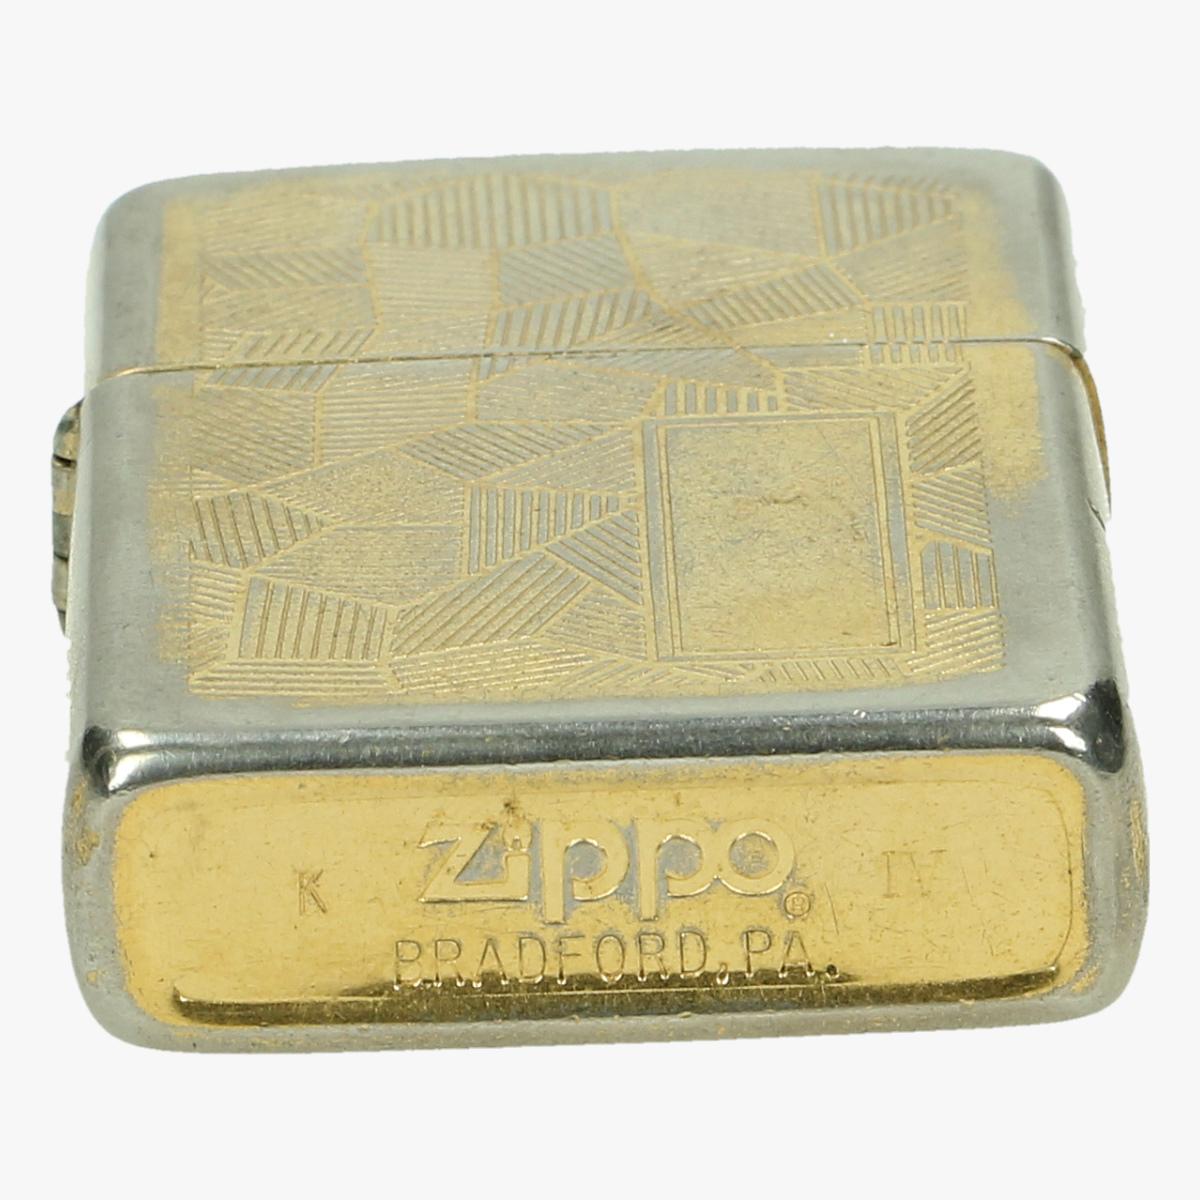 Afbeeldingen van oude aansteker zippobradford.pa